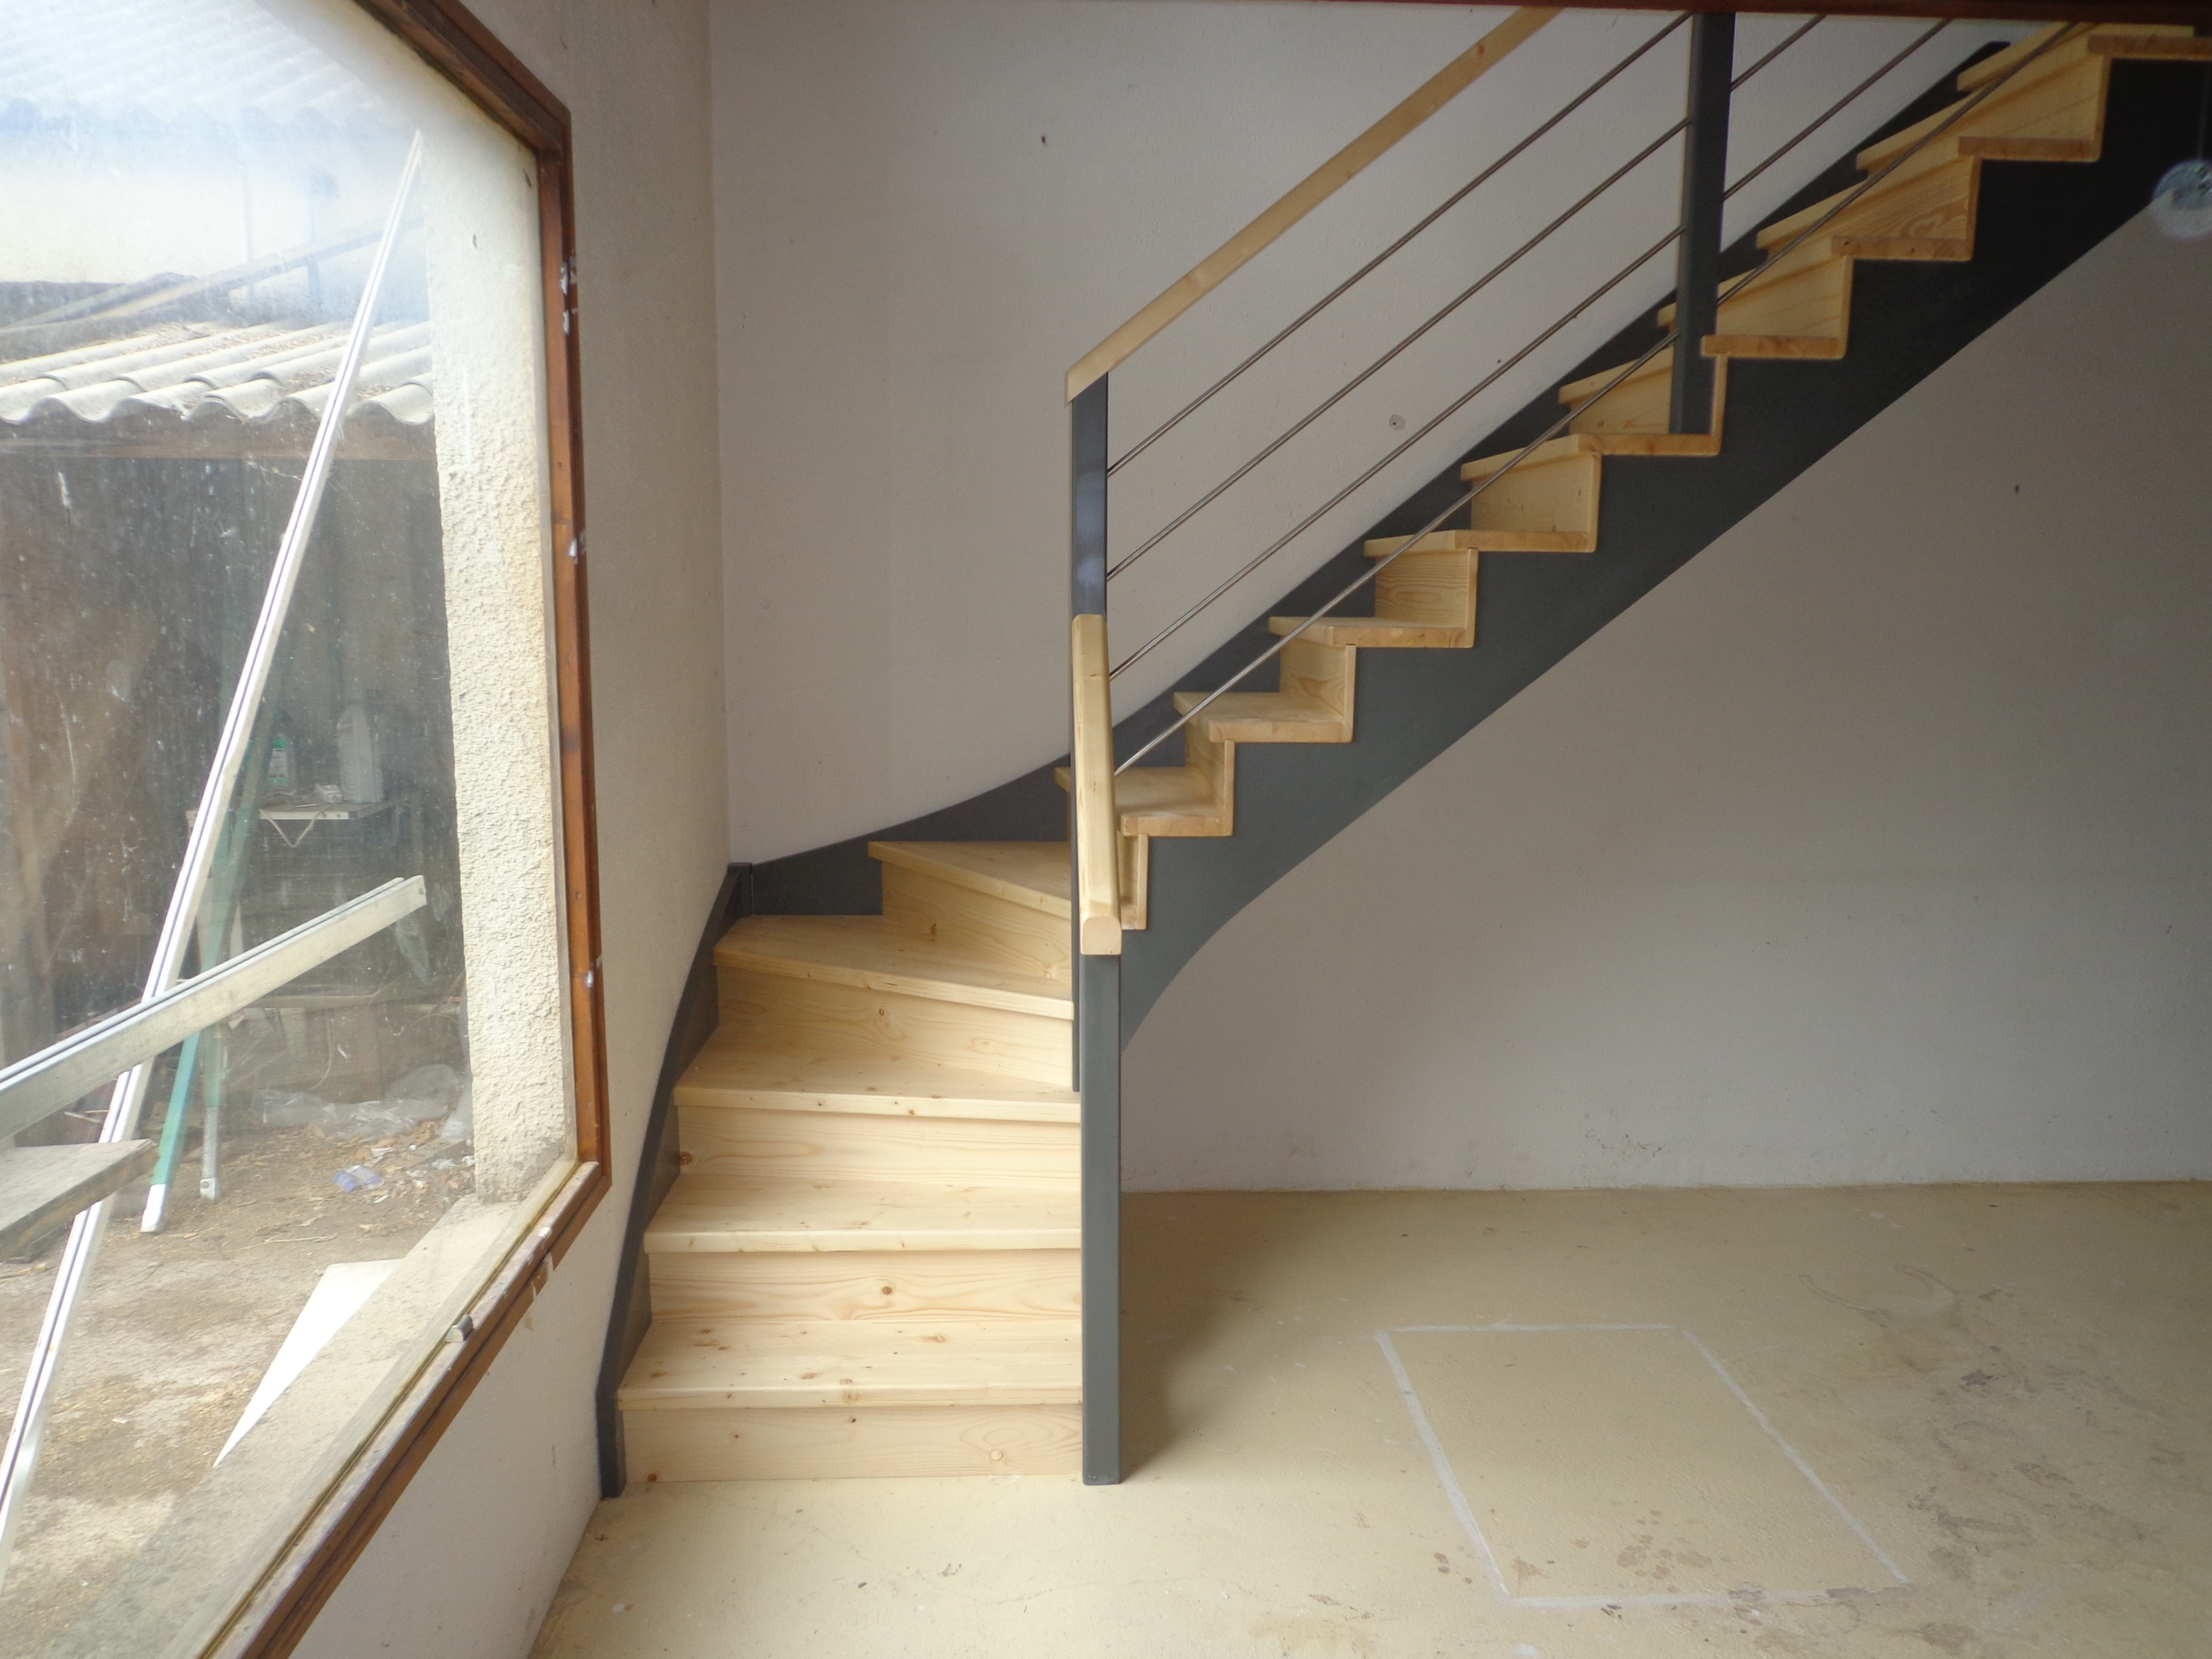 limon peints couleur fer, escalier à crémaillère